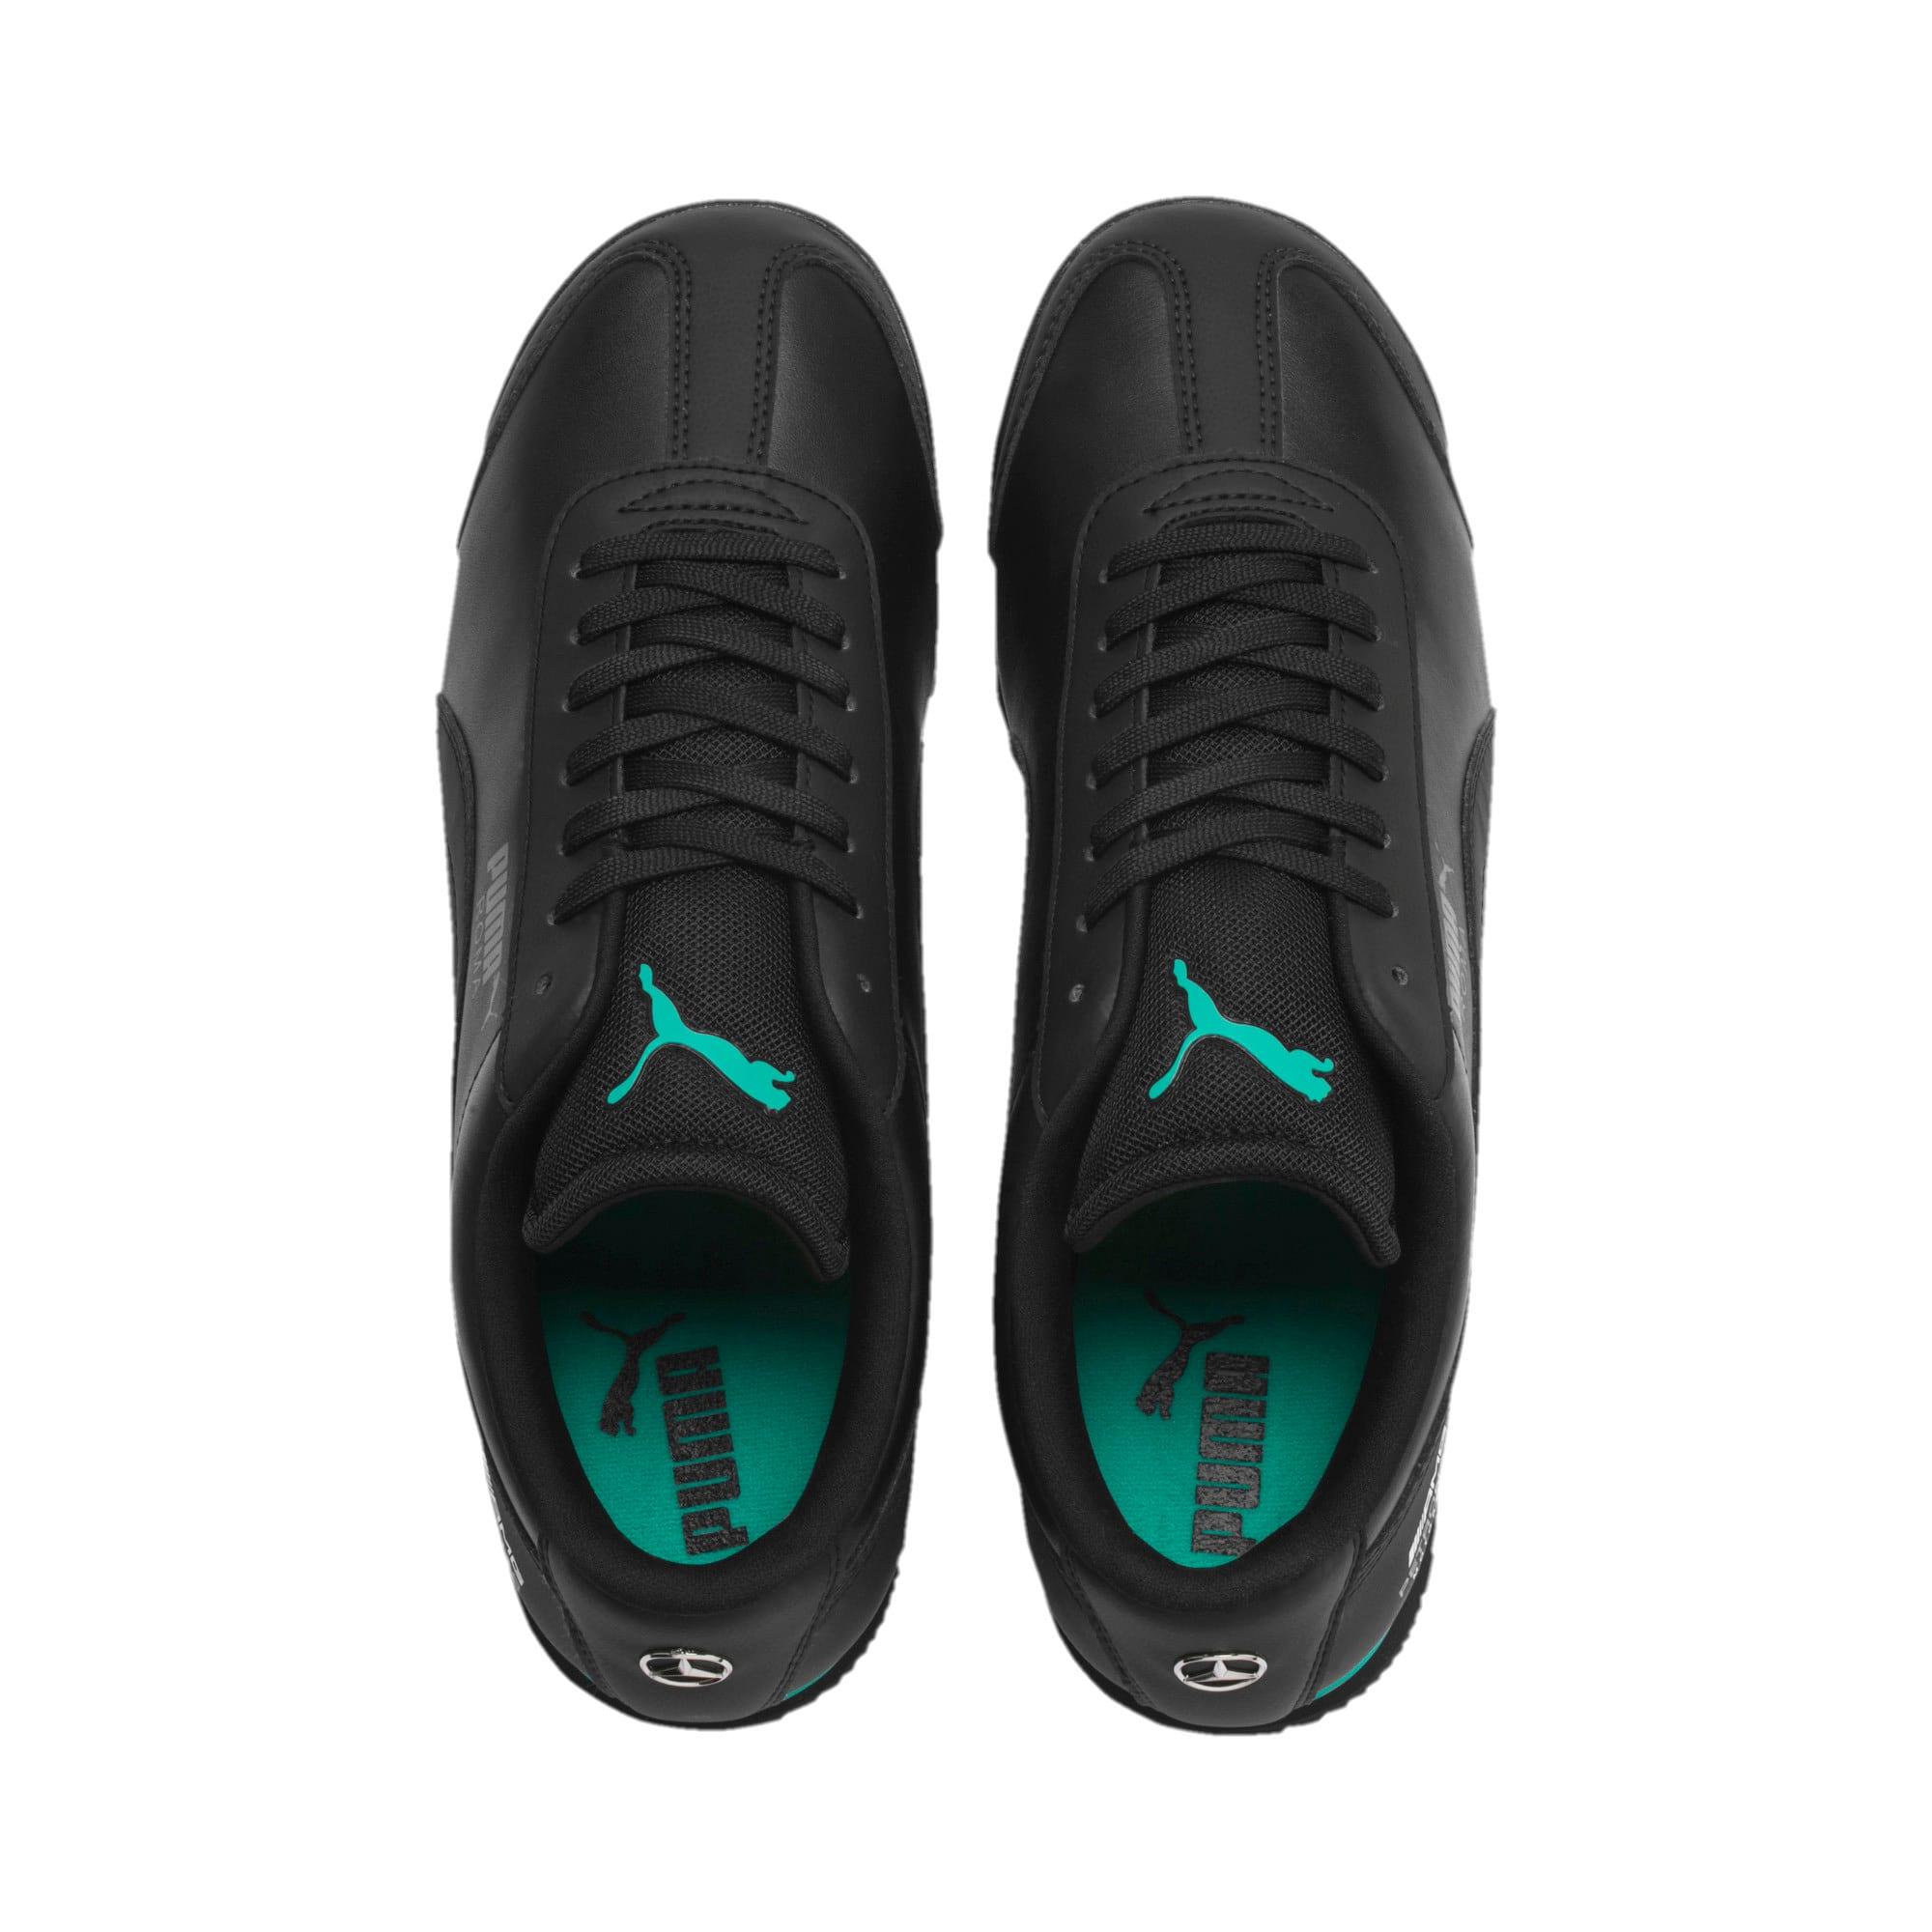 Thumbnail 7 of Mercedes AMG Petronas Roma Men's Sneakers, Puma Black-Puma Black, medium